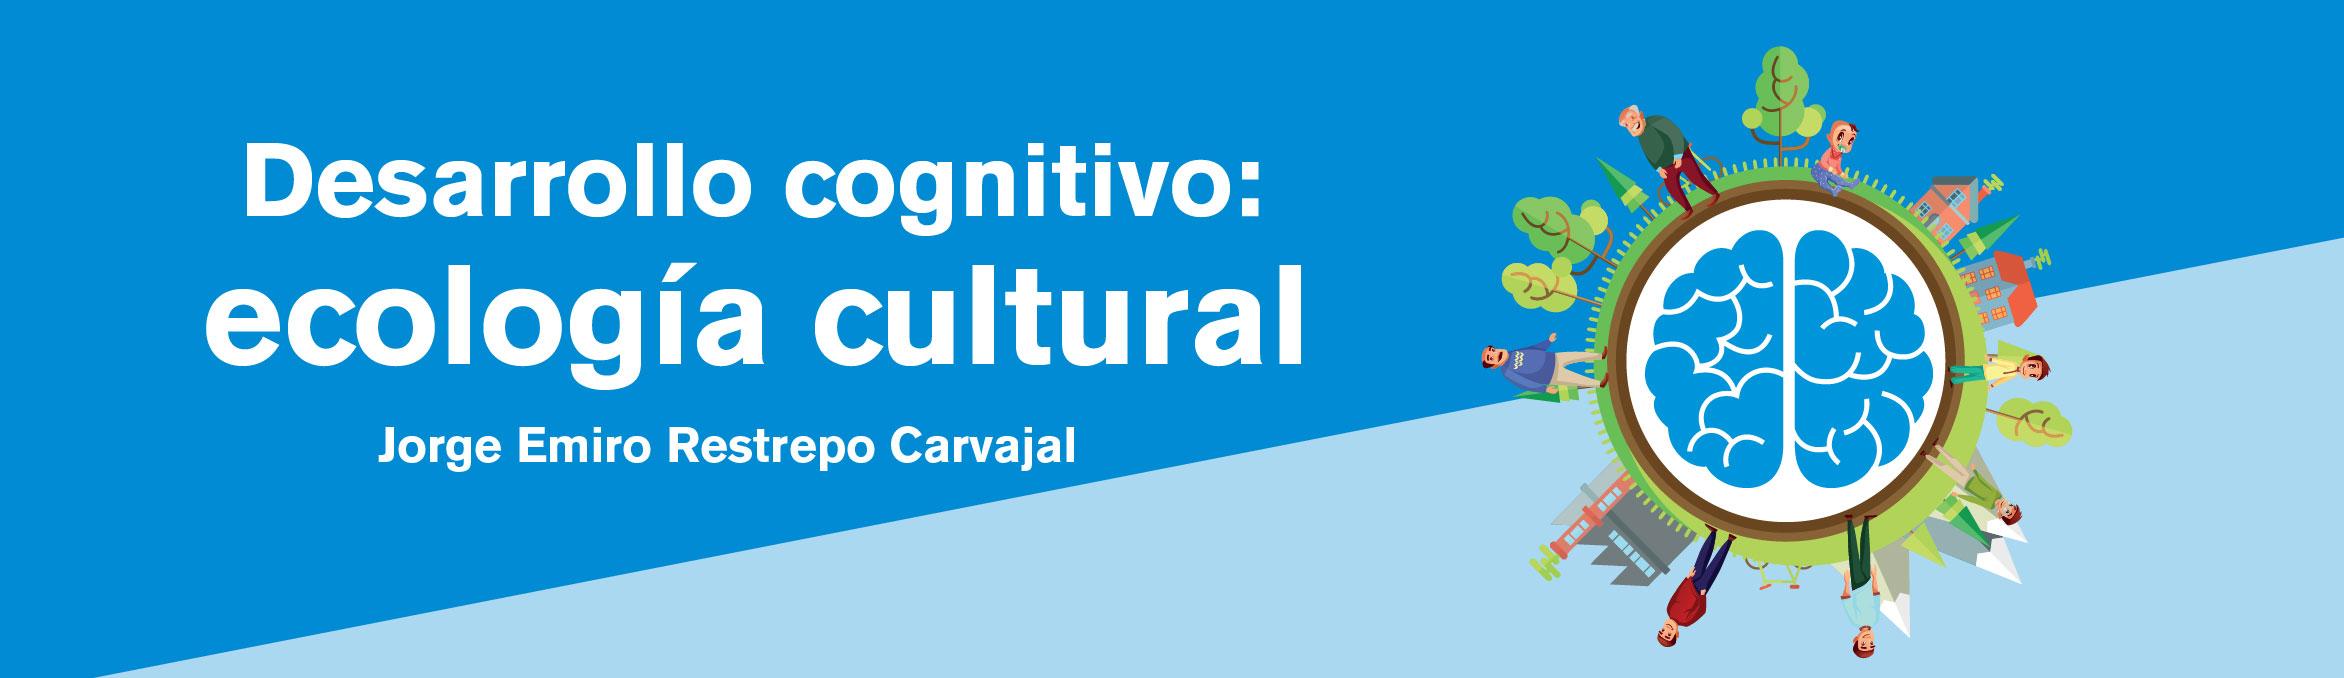 Novedad. Desarrollo cognitivo Ecología cultural